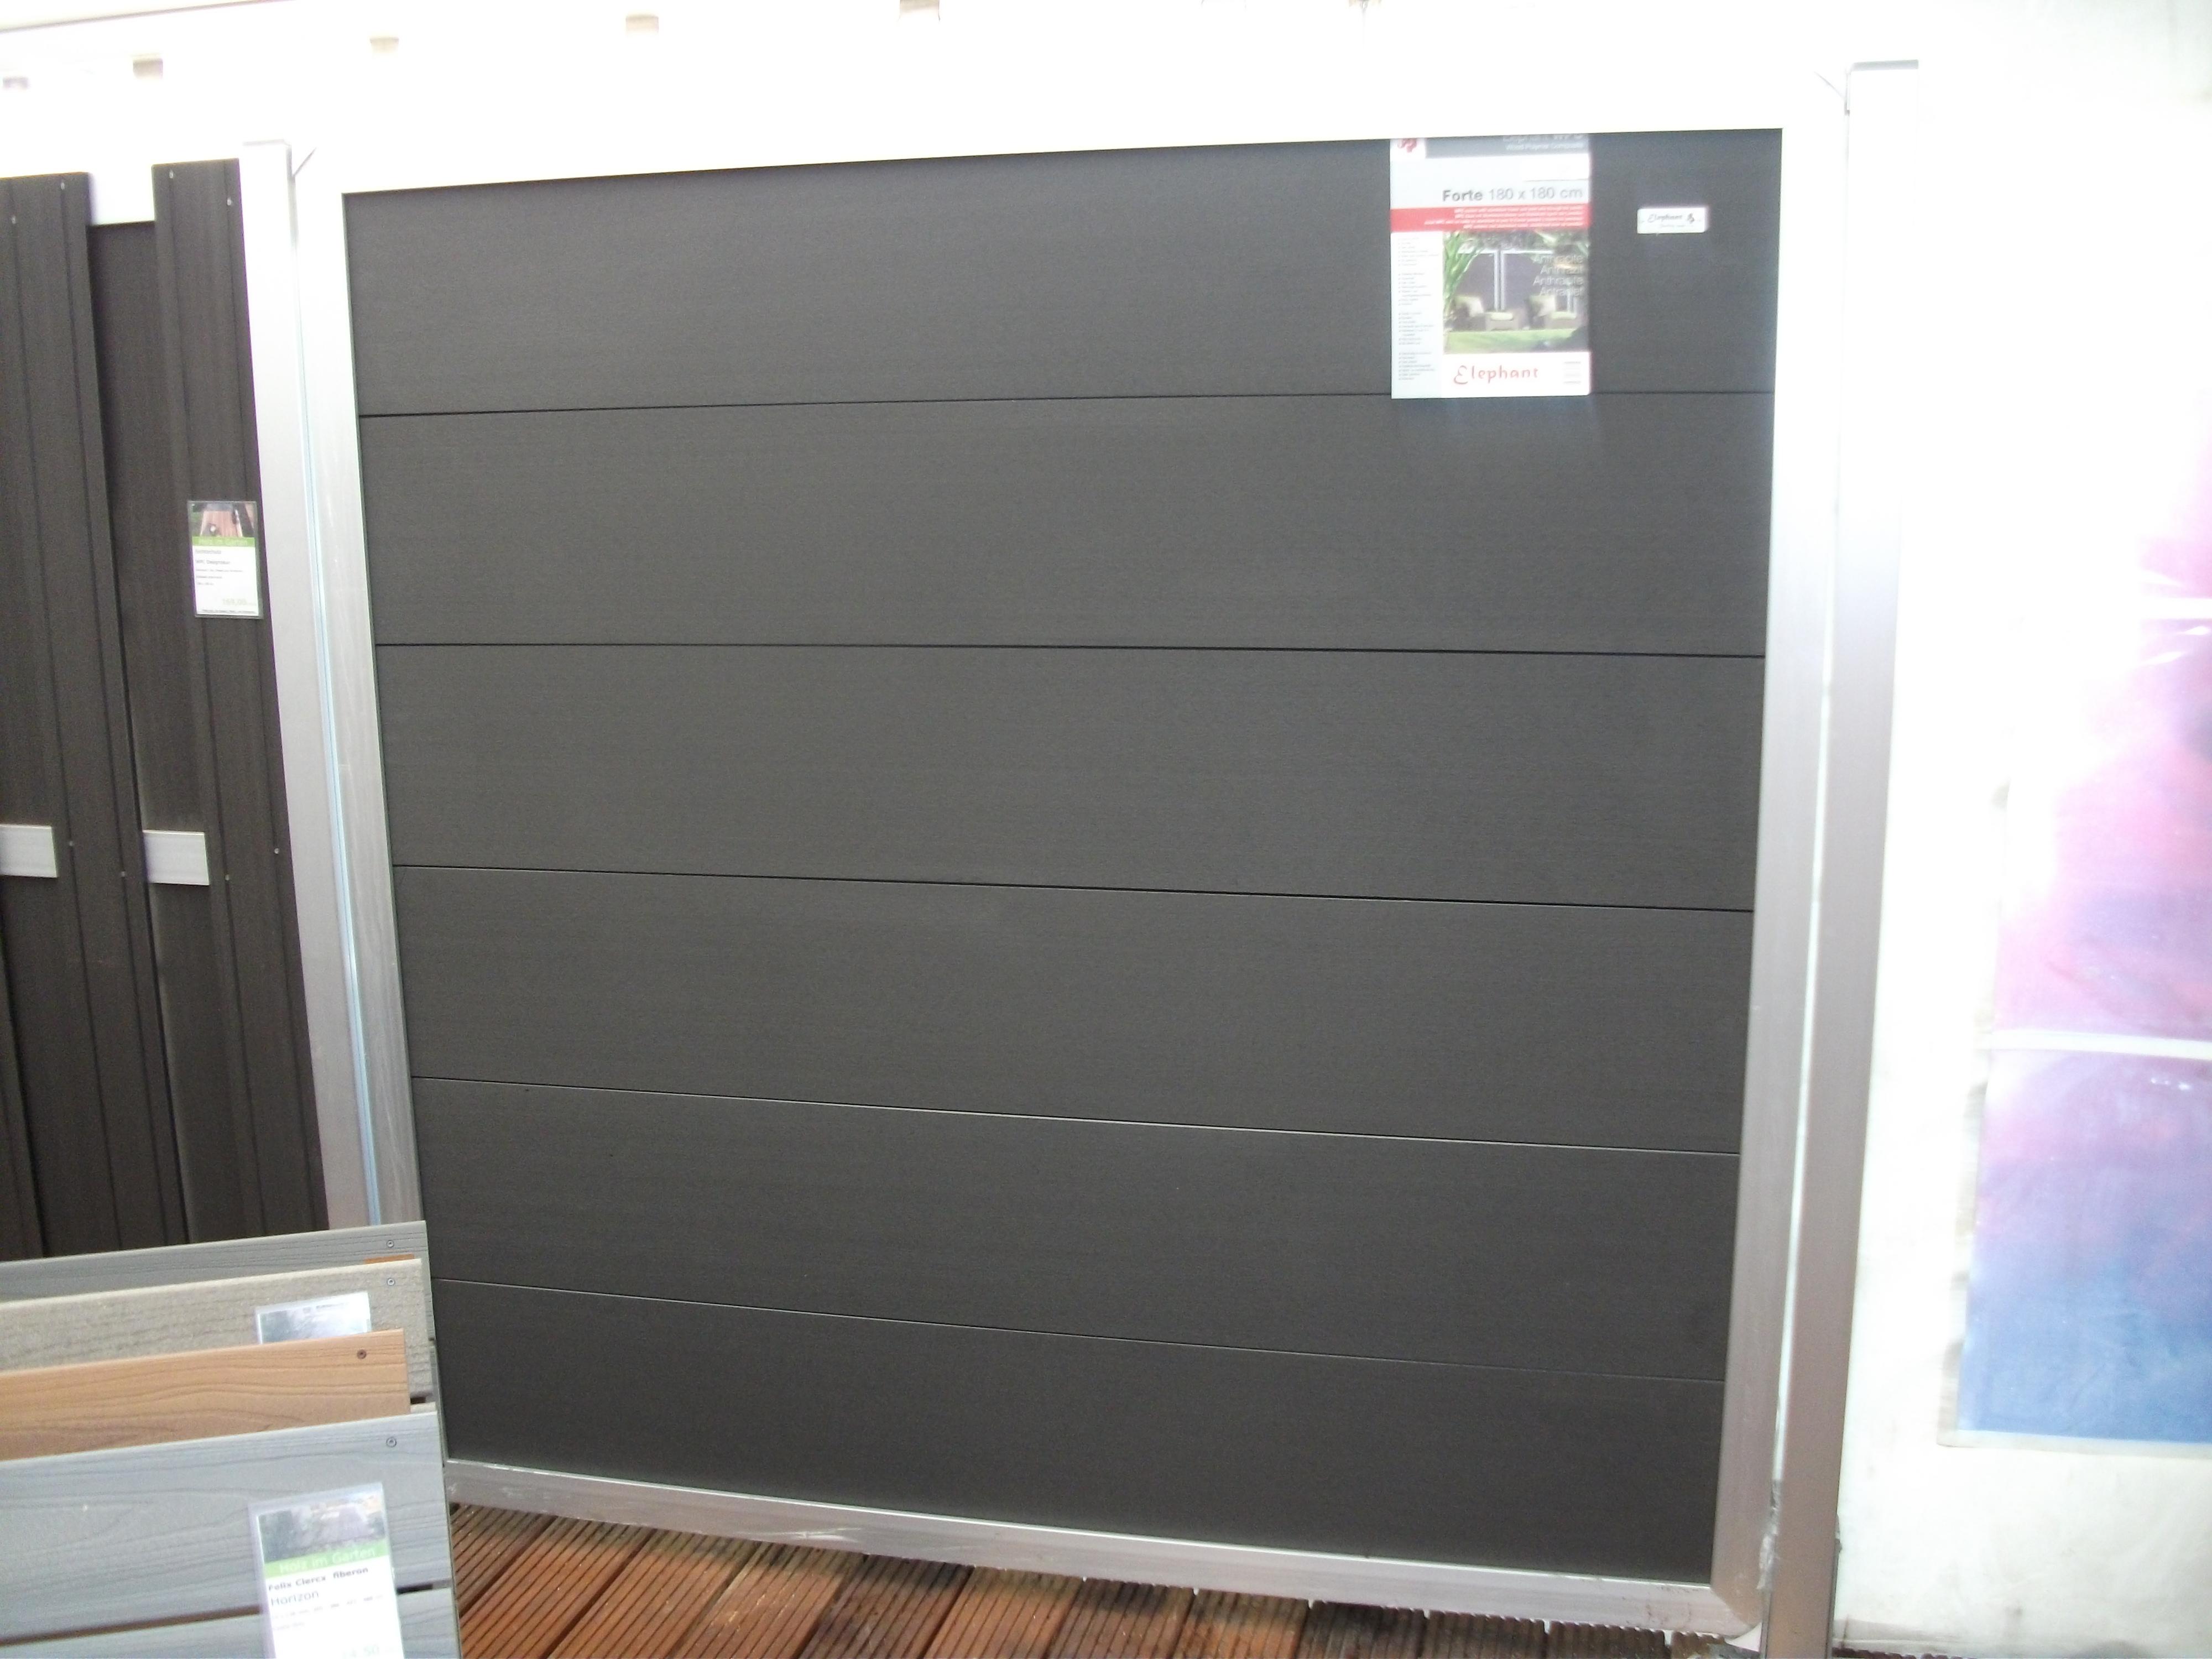 Sichtschutzz une aus wpc und polyrattan holz neubauer berlin ihr holzfachmarkt - Zaunelemente holz grau ...